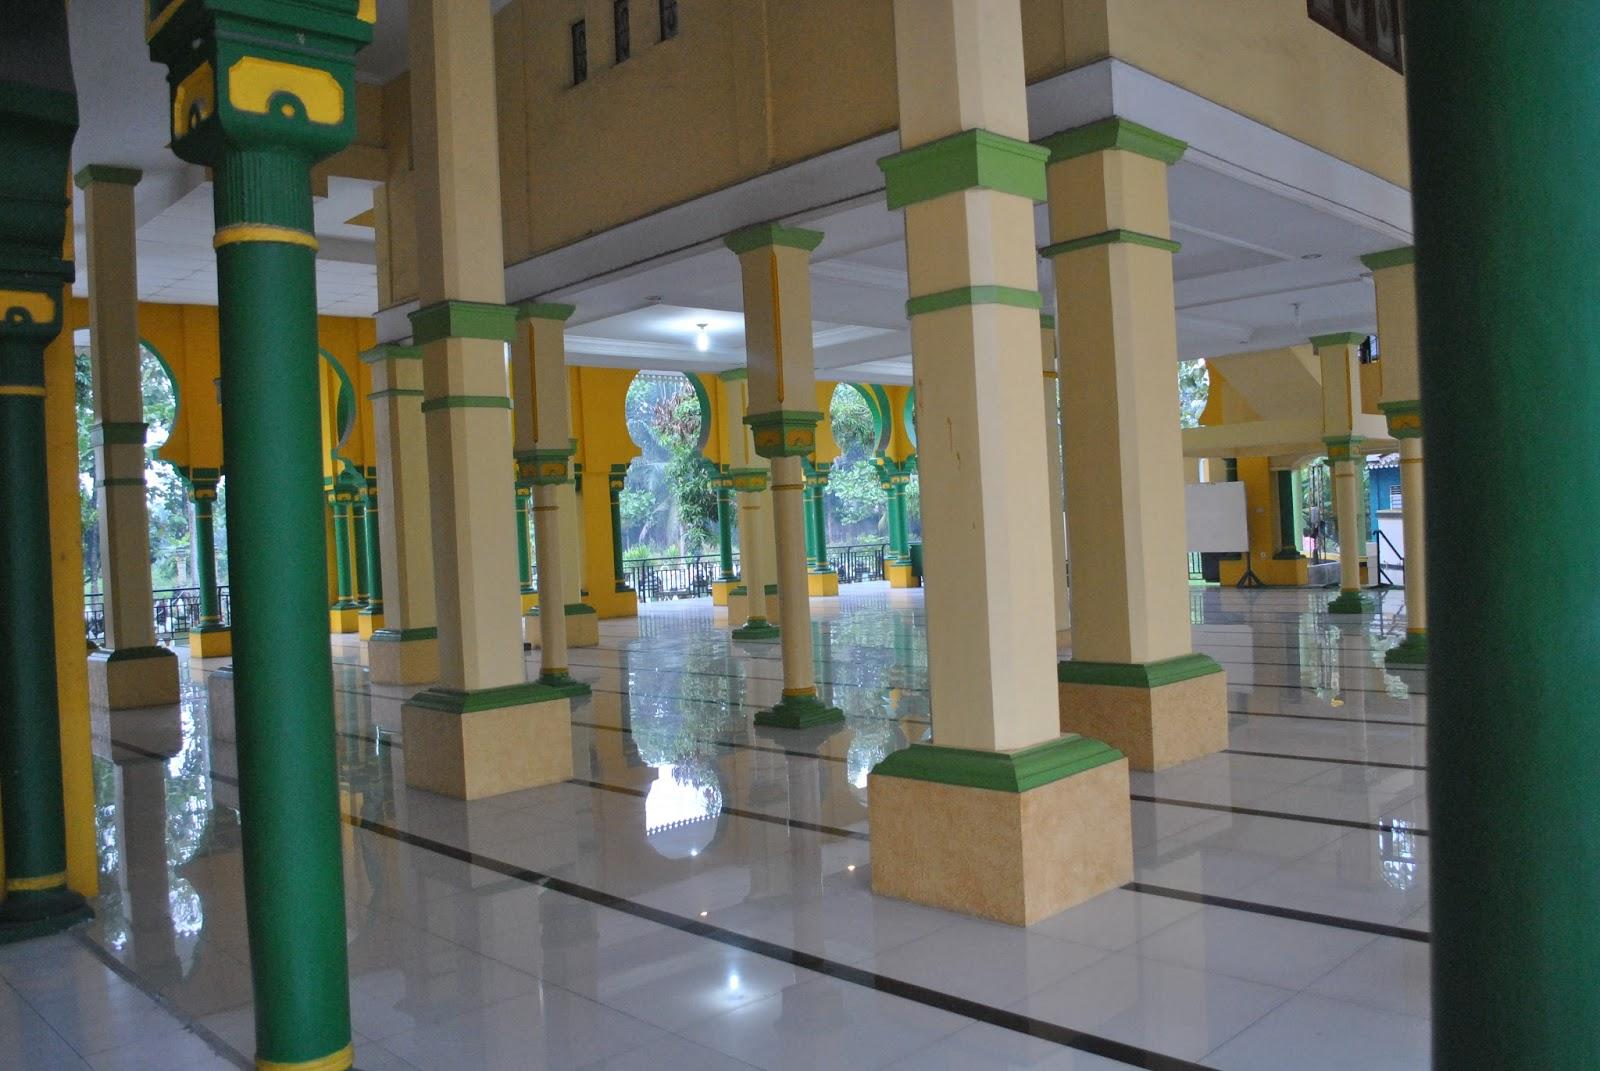 Masjid Tertua Kota Medan Mesjid Al Osmani Teras